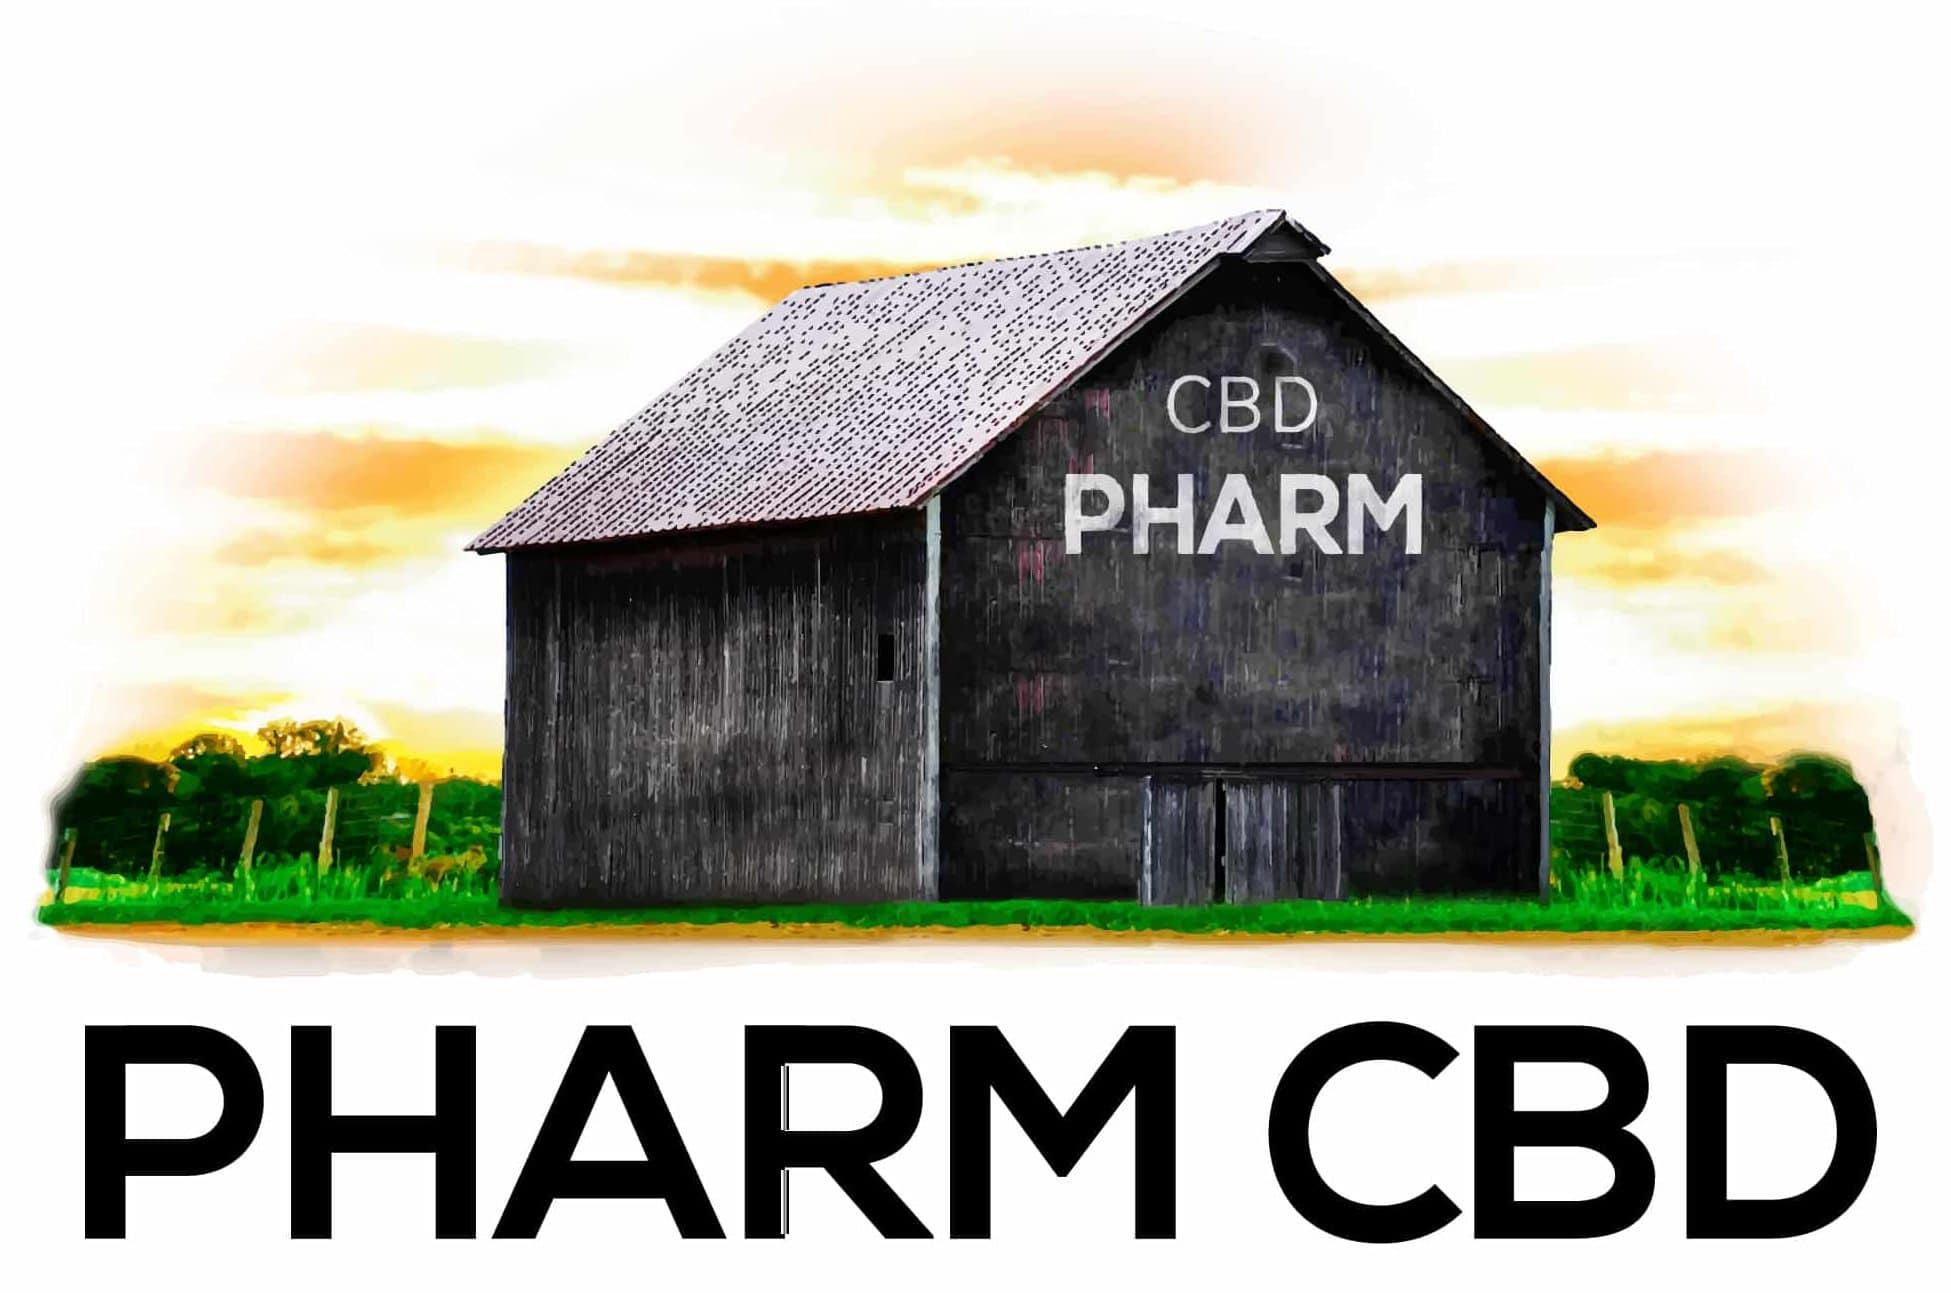 PHARM CBD, LLC